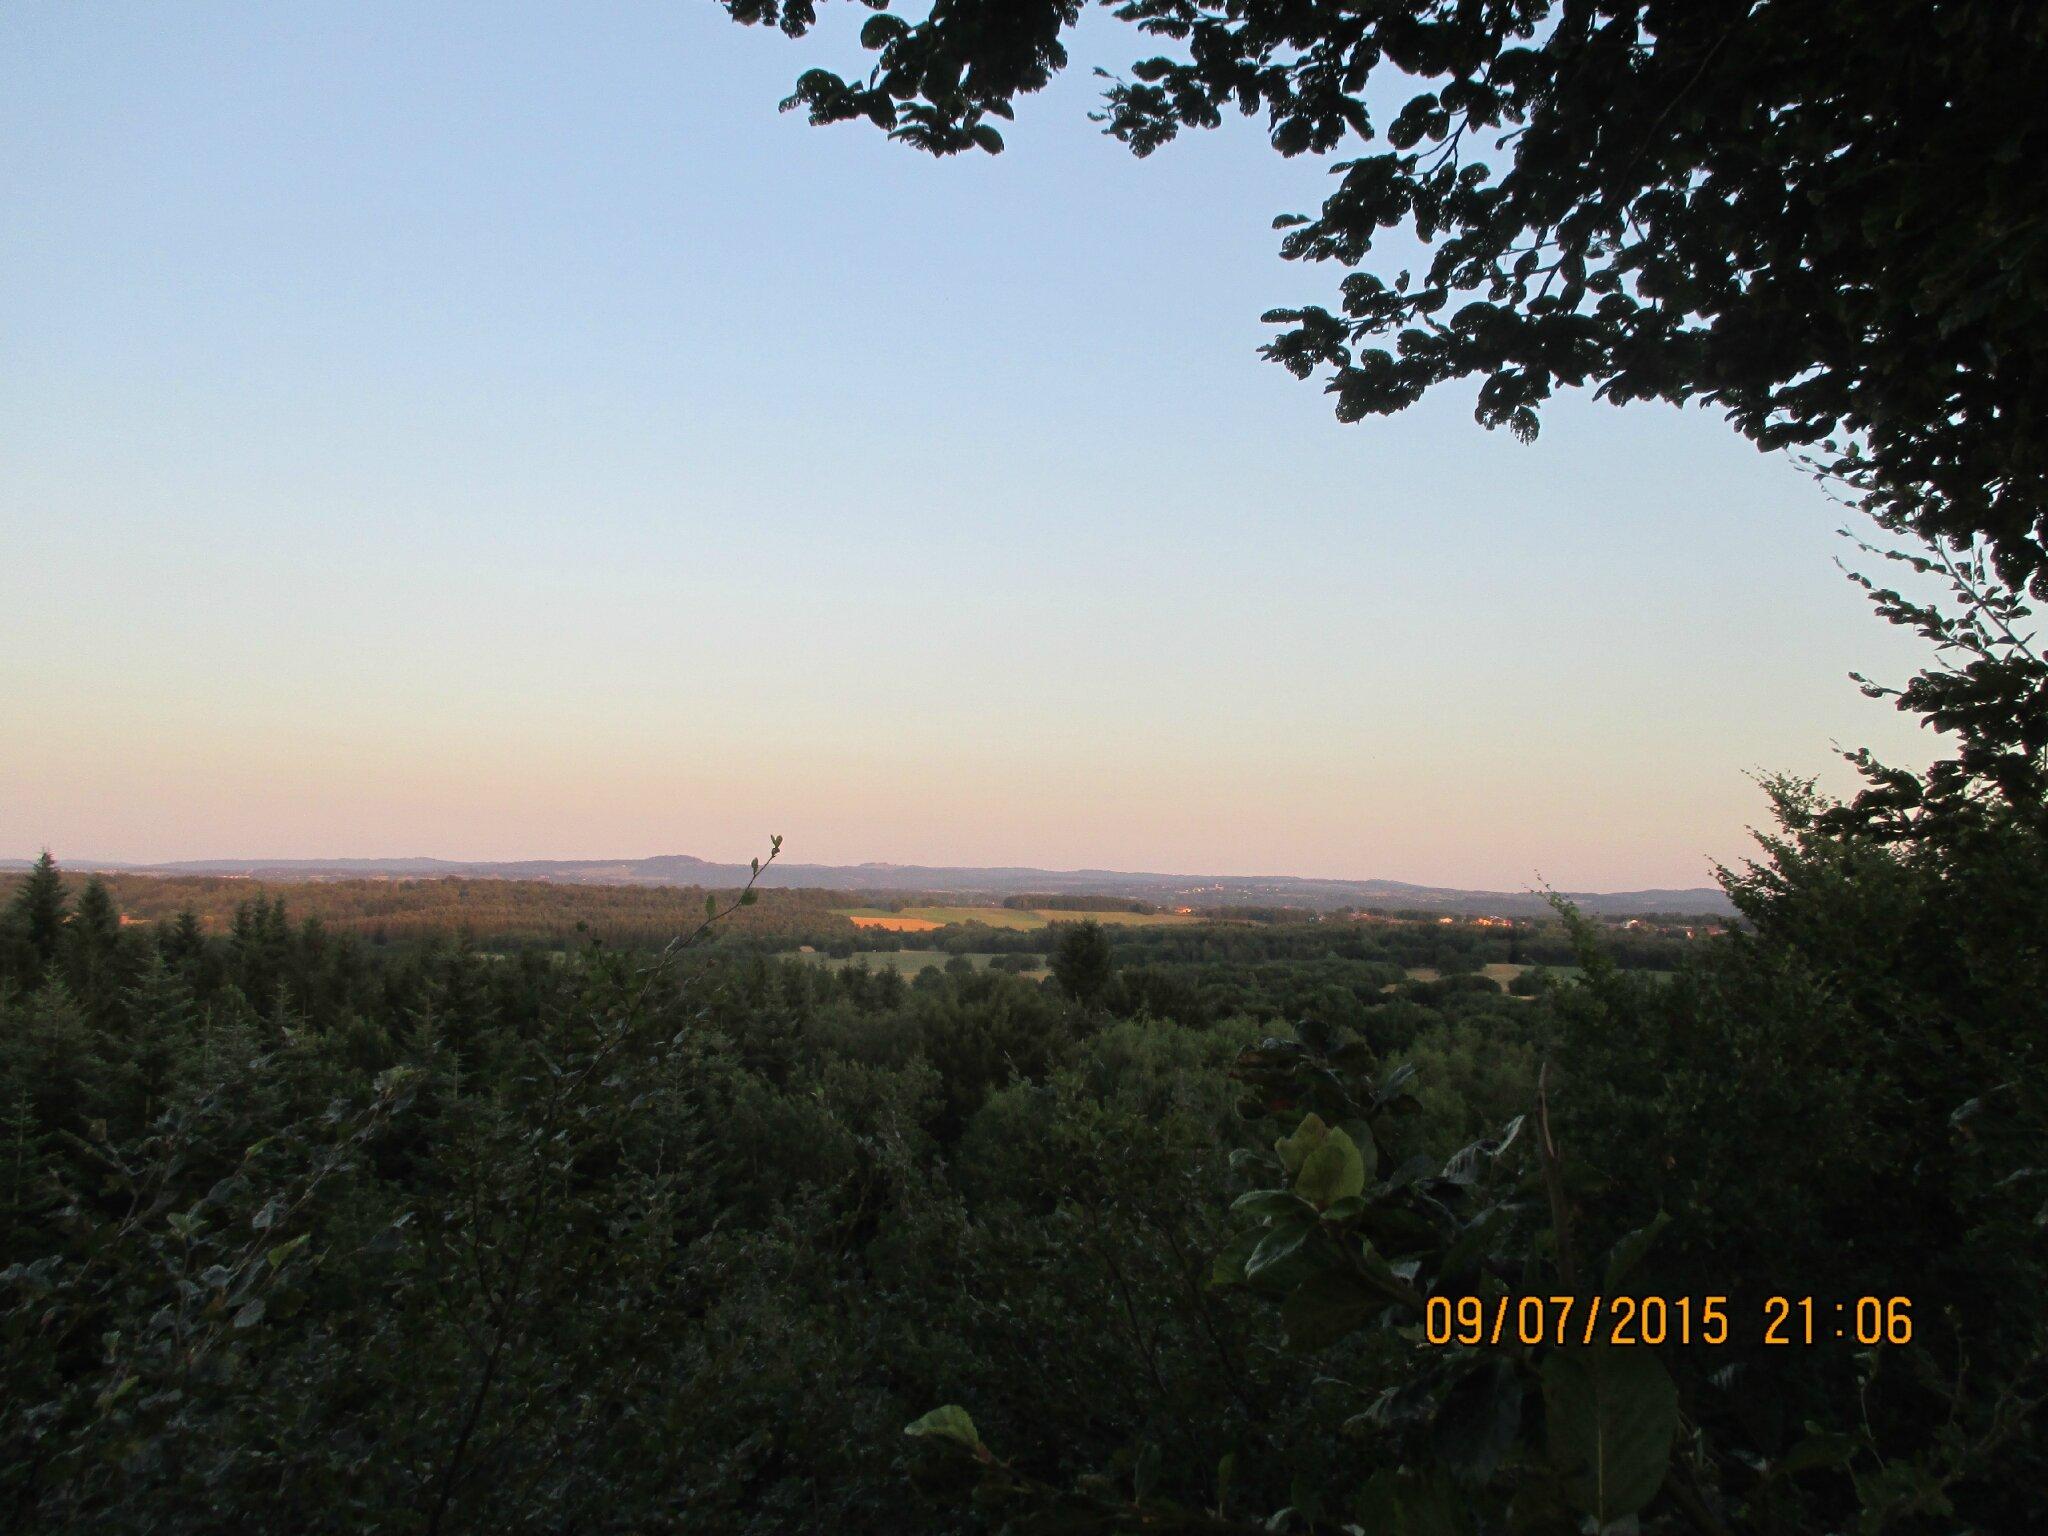 Ouf je suis en haut !!voici le paysage,l'automne ça doit être magnifique ,après tout ça il fallait redescendre pas la même;